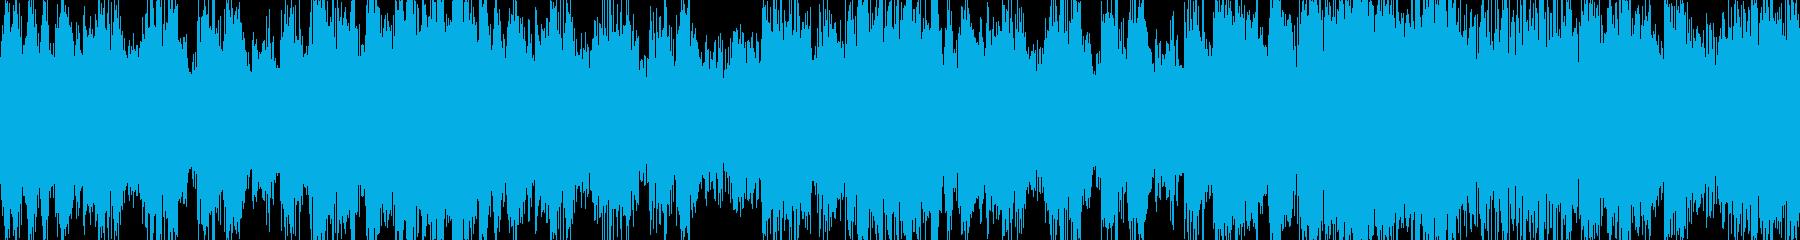 勇壮なオーケストラ風短BGM ループ曲の再生済みの波形